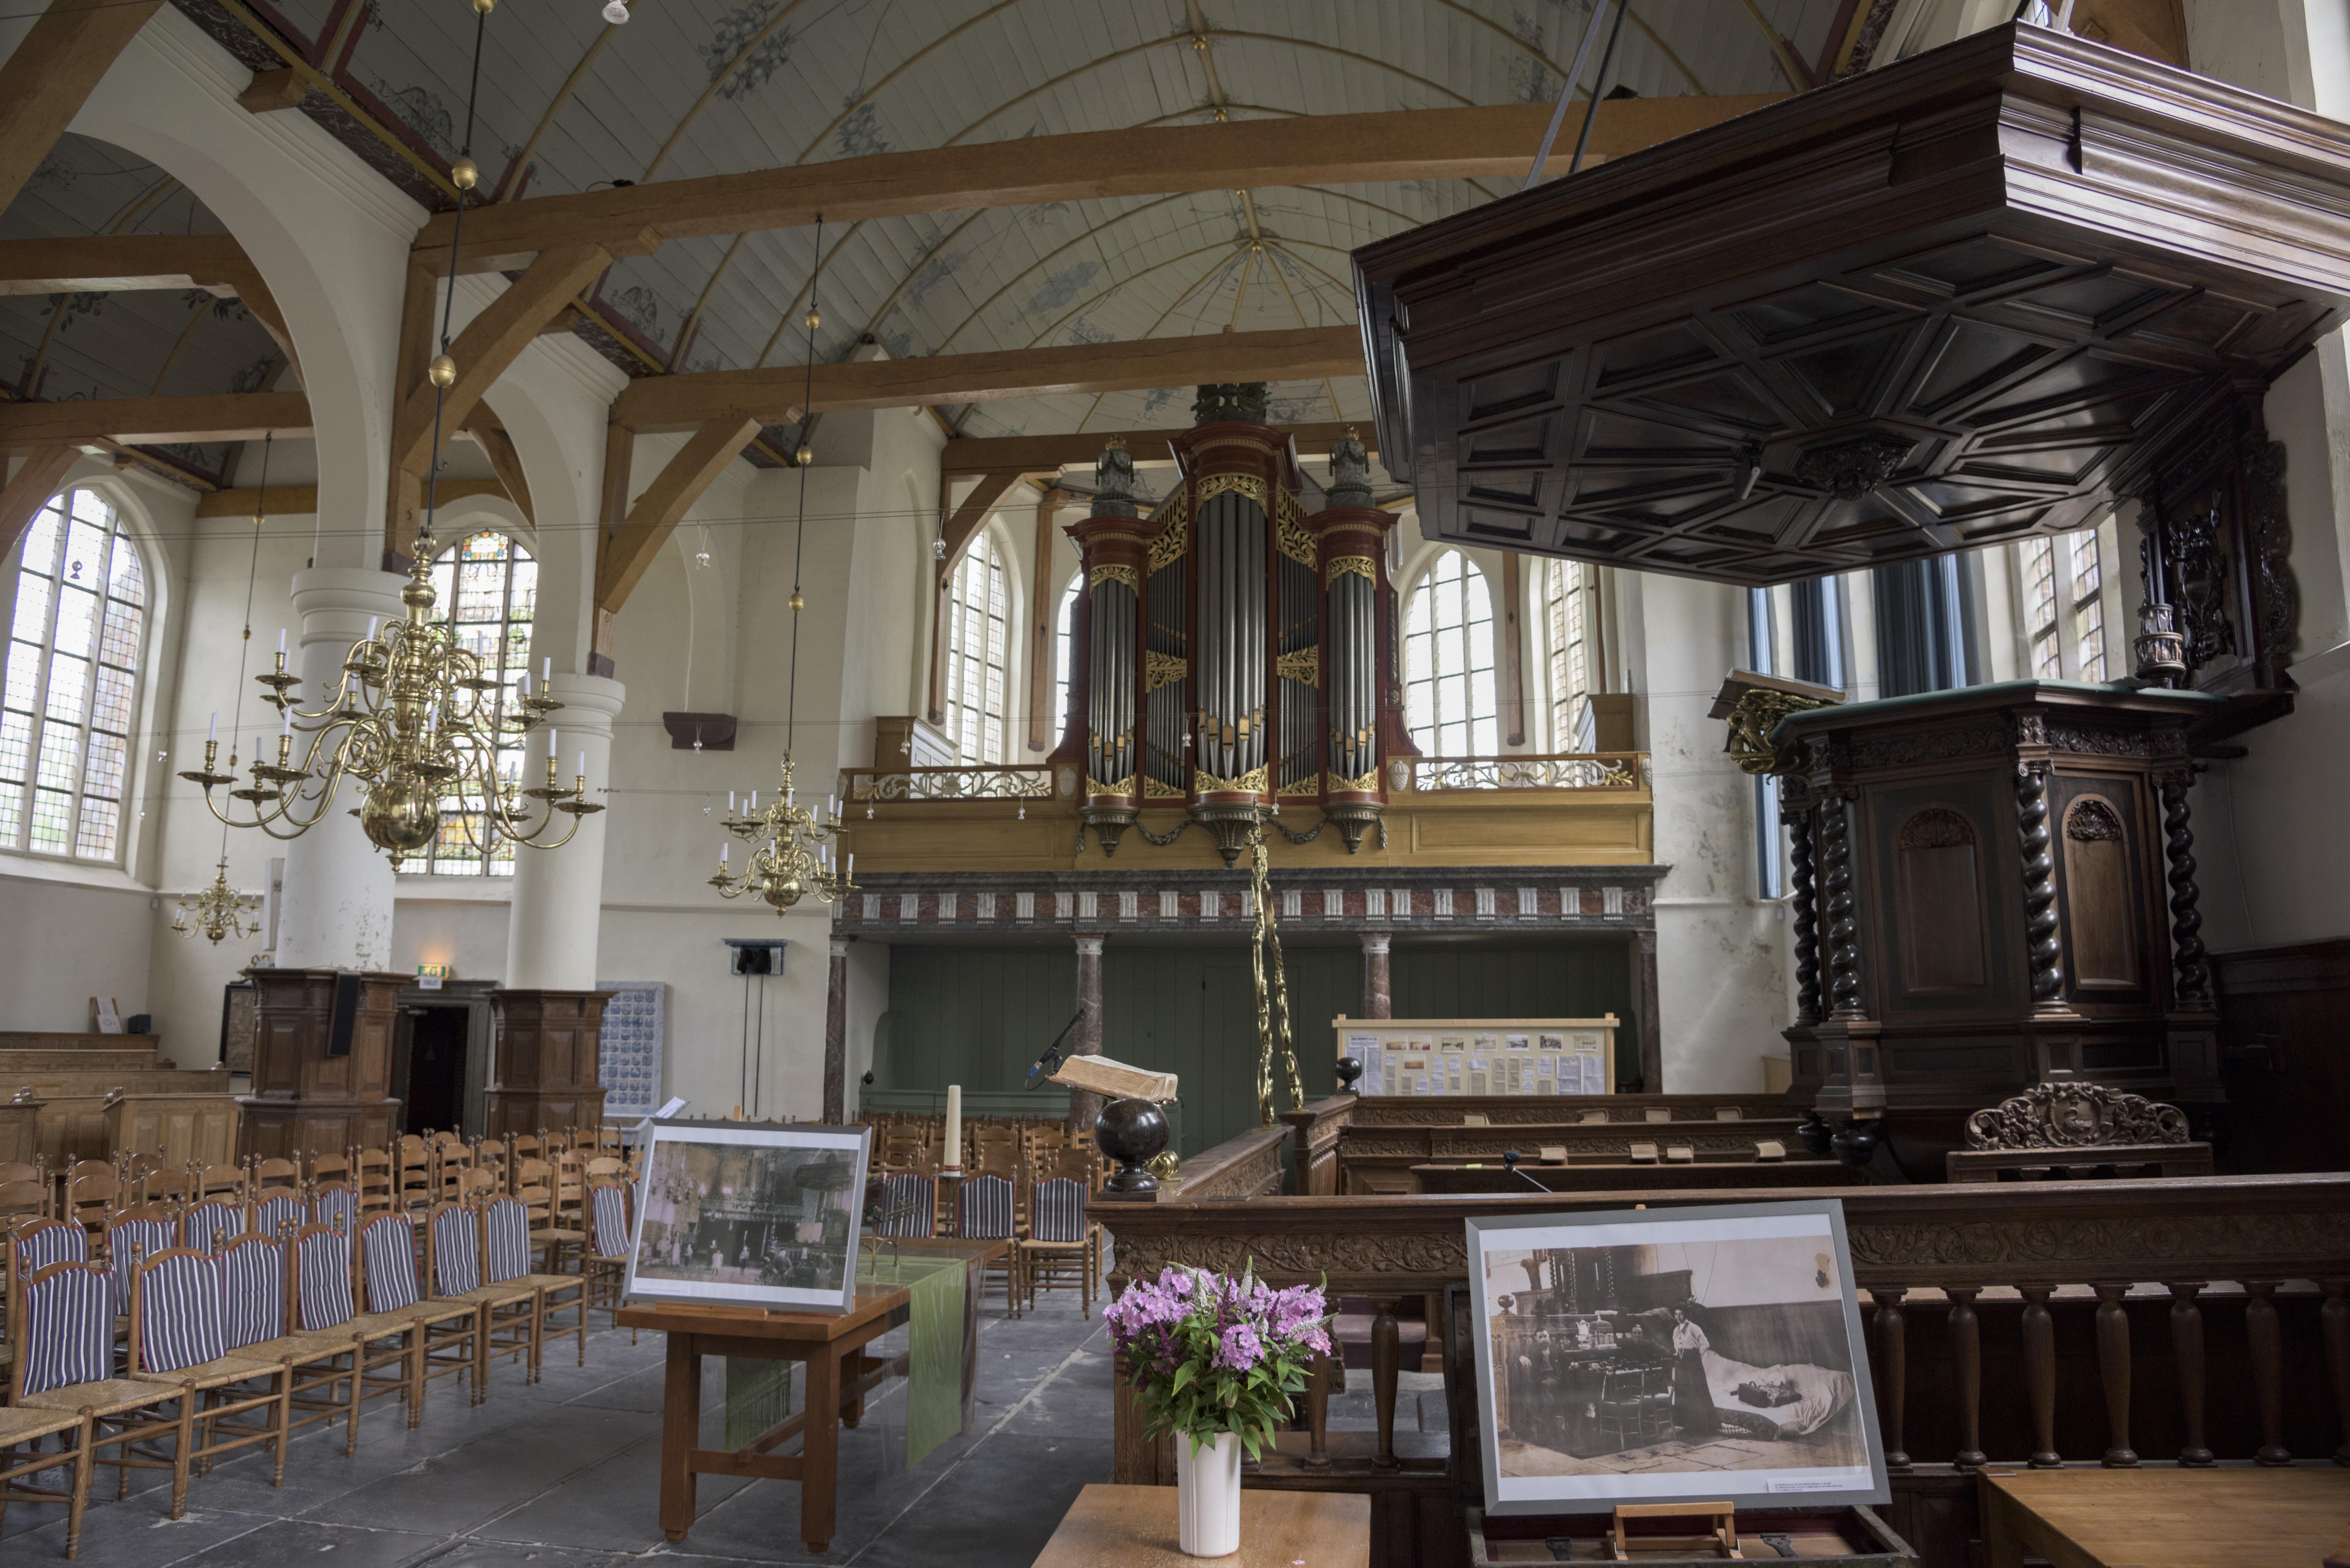 Interieur Broeker Kerk%2C Broek in Waterland hnapel 009 - Broeker Kerk Broek In Waterland